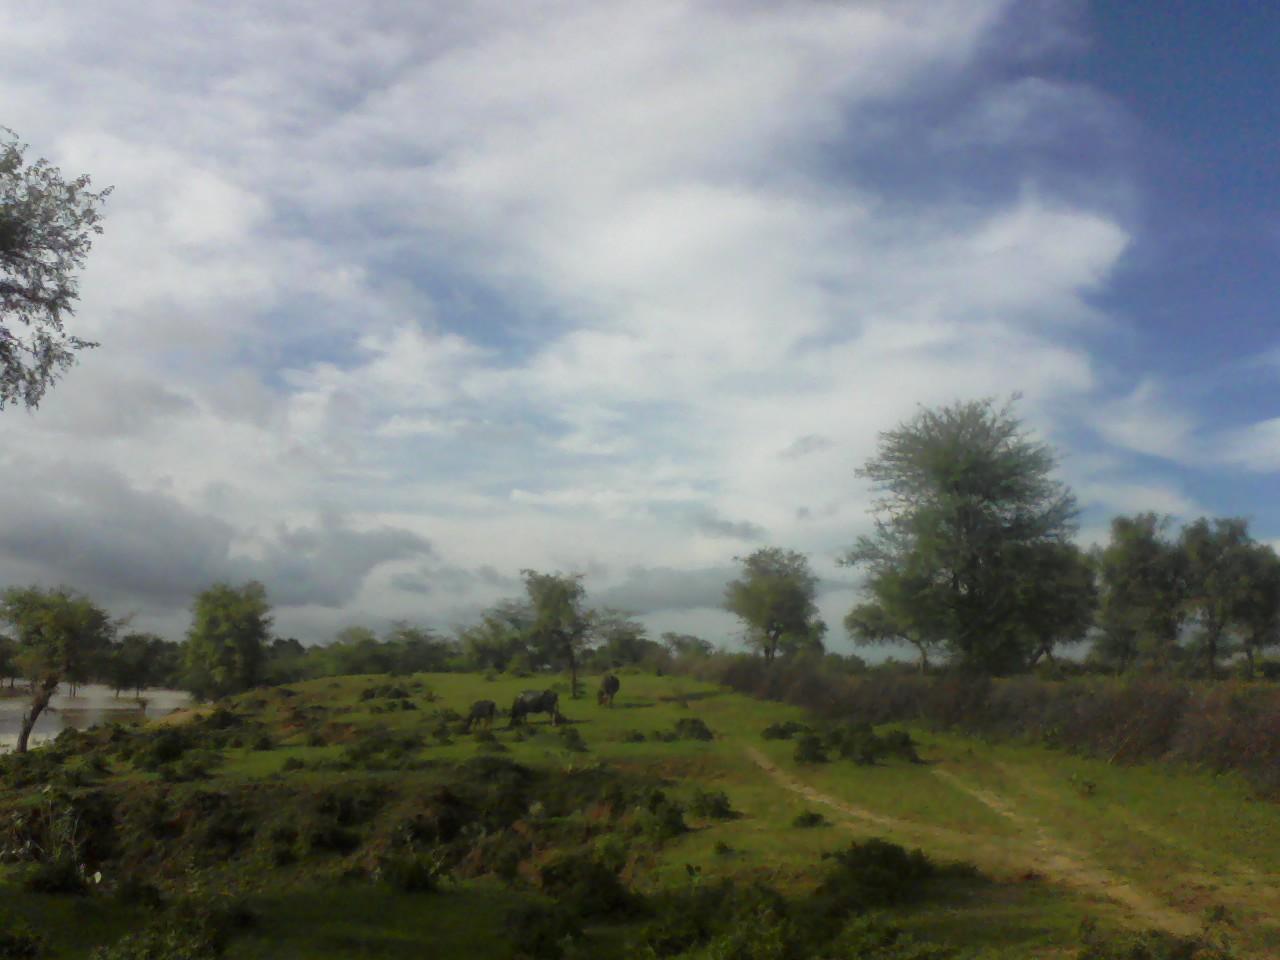 Description weather after rain 03